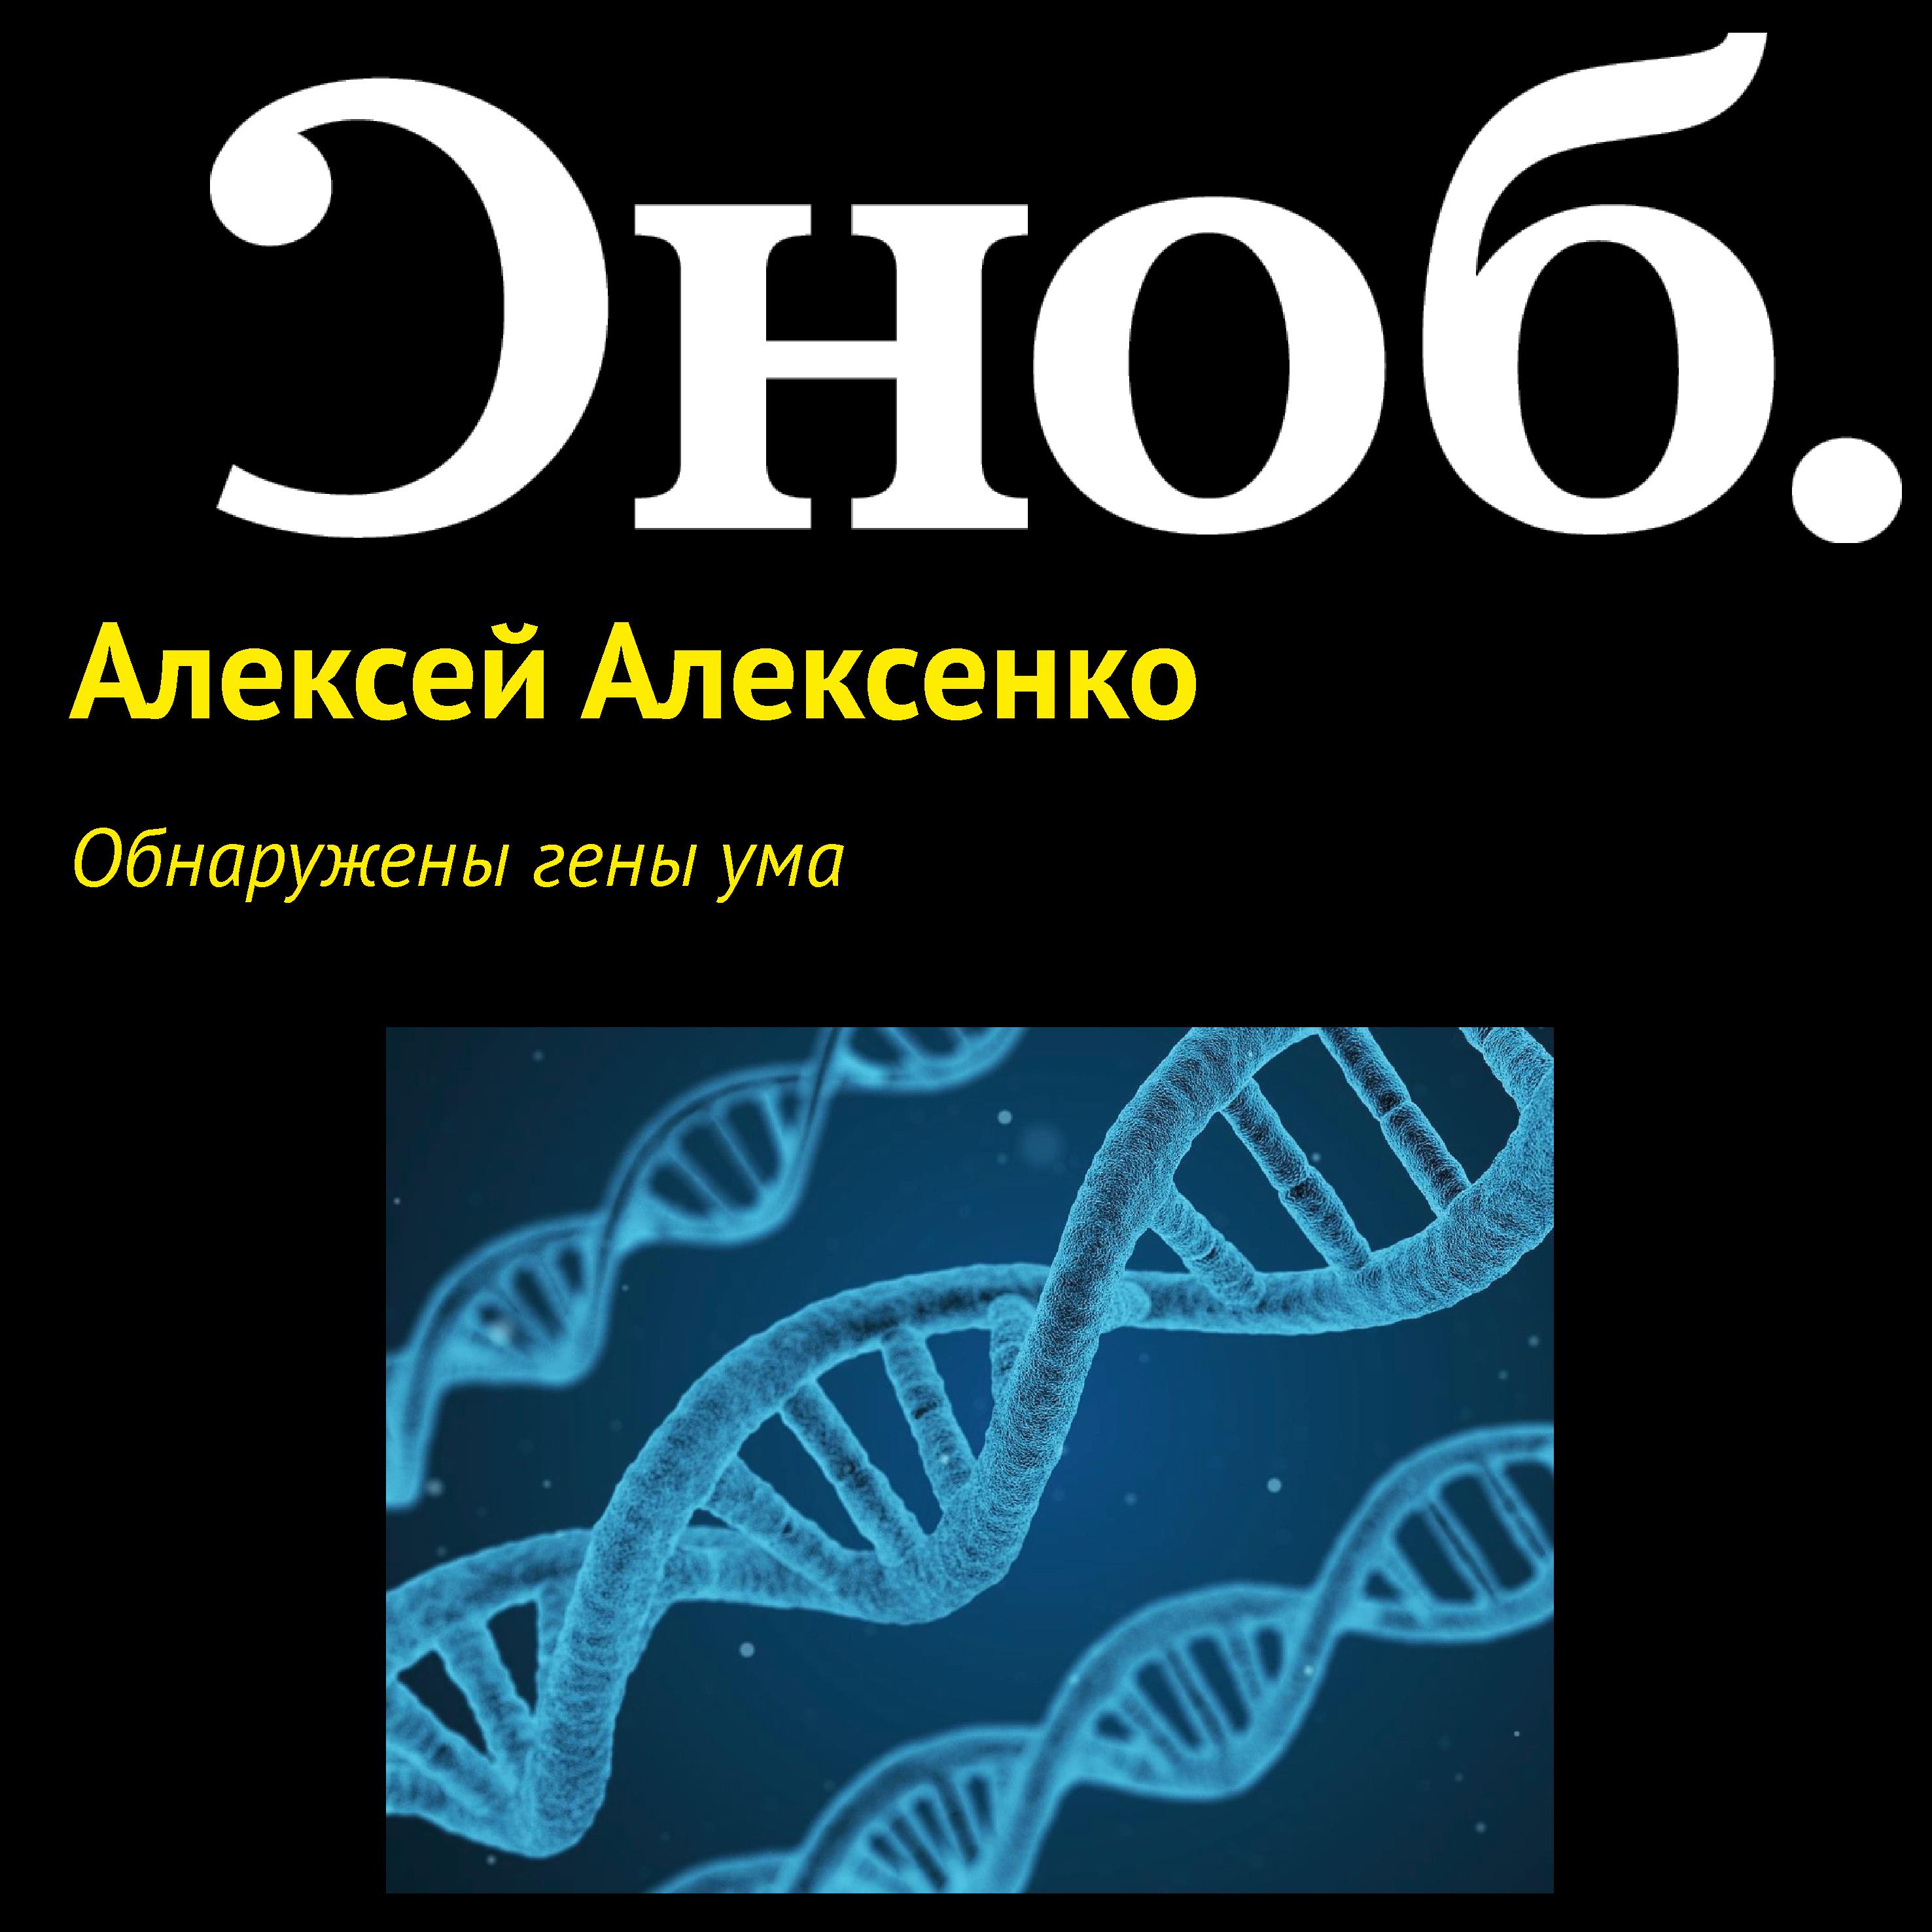 цена Алексей Алексенко Обнаружены гены ума